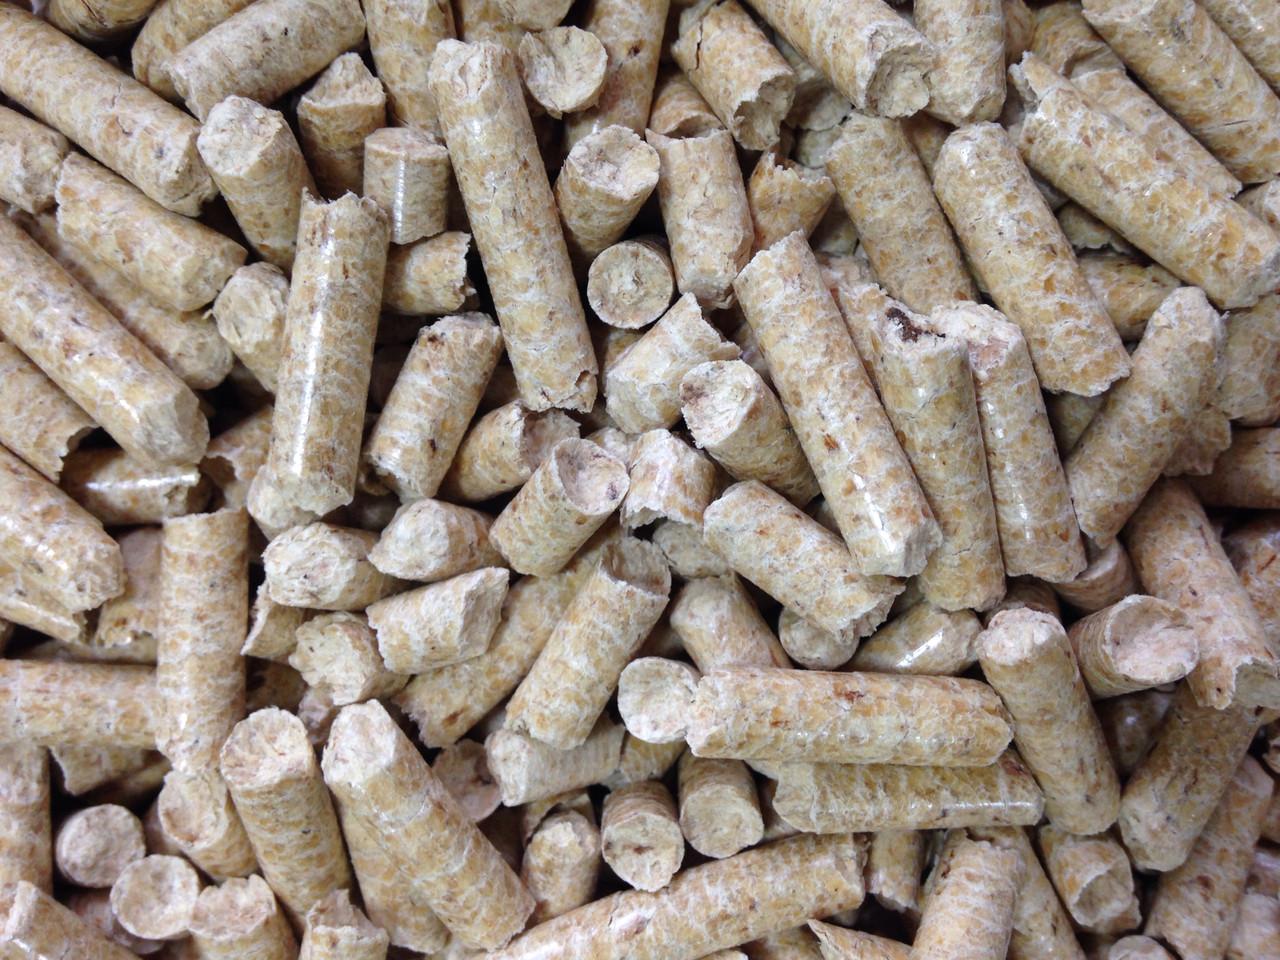 Запасись перед сезоном! Пеллеты из сосны 6 мм Полиэтиленовый мешок 15кг